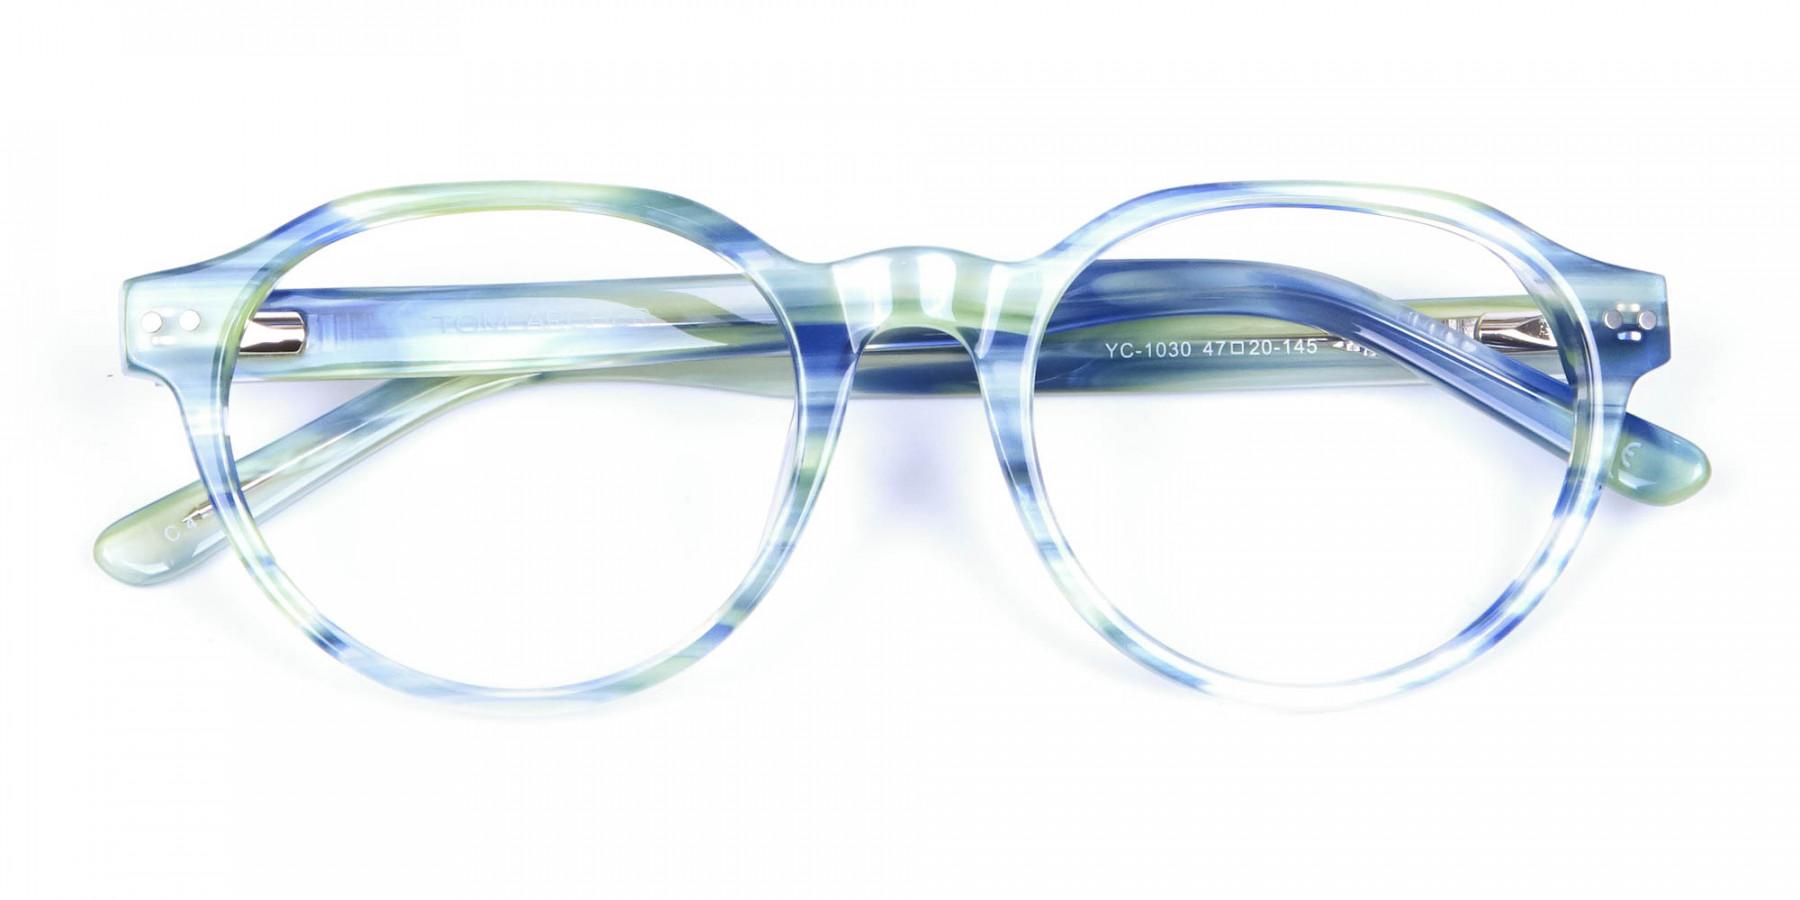 Forest Green & Ocean Blue Eyeglasses